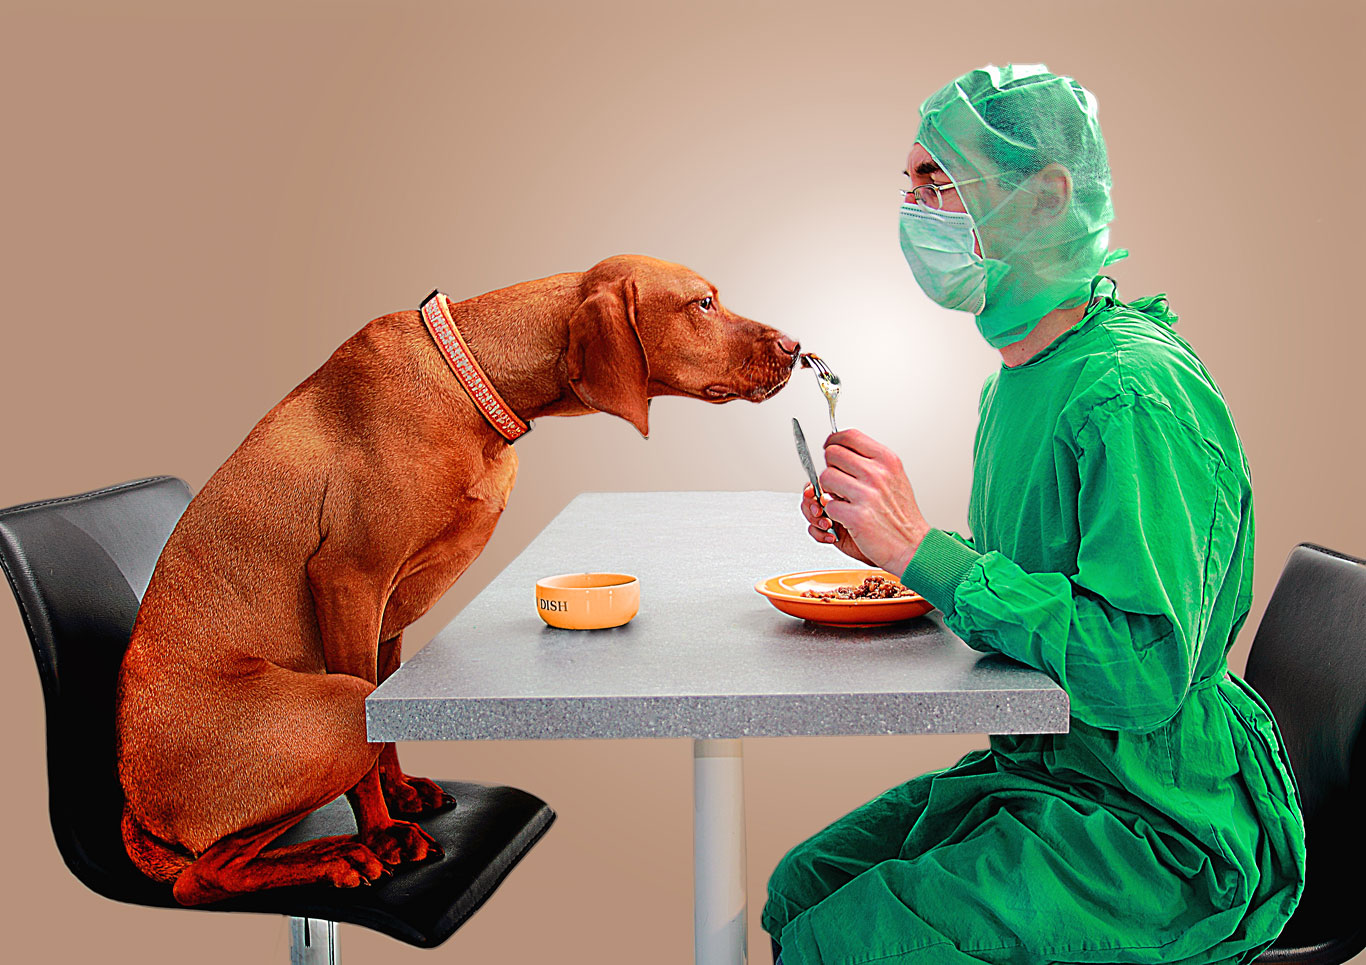 Schnell-mal-Mittagessen-web.jpg